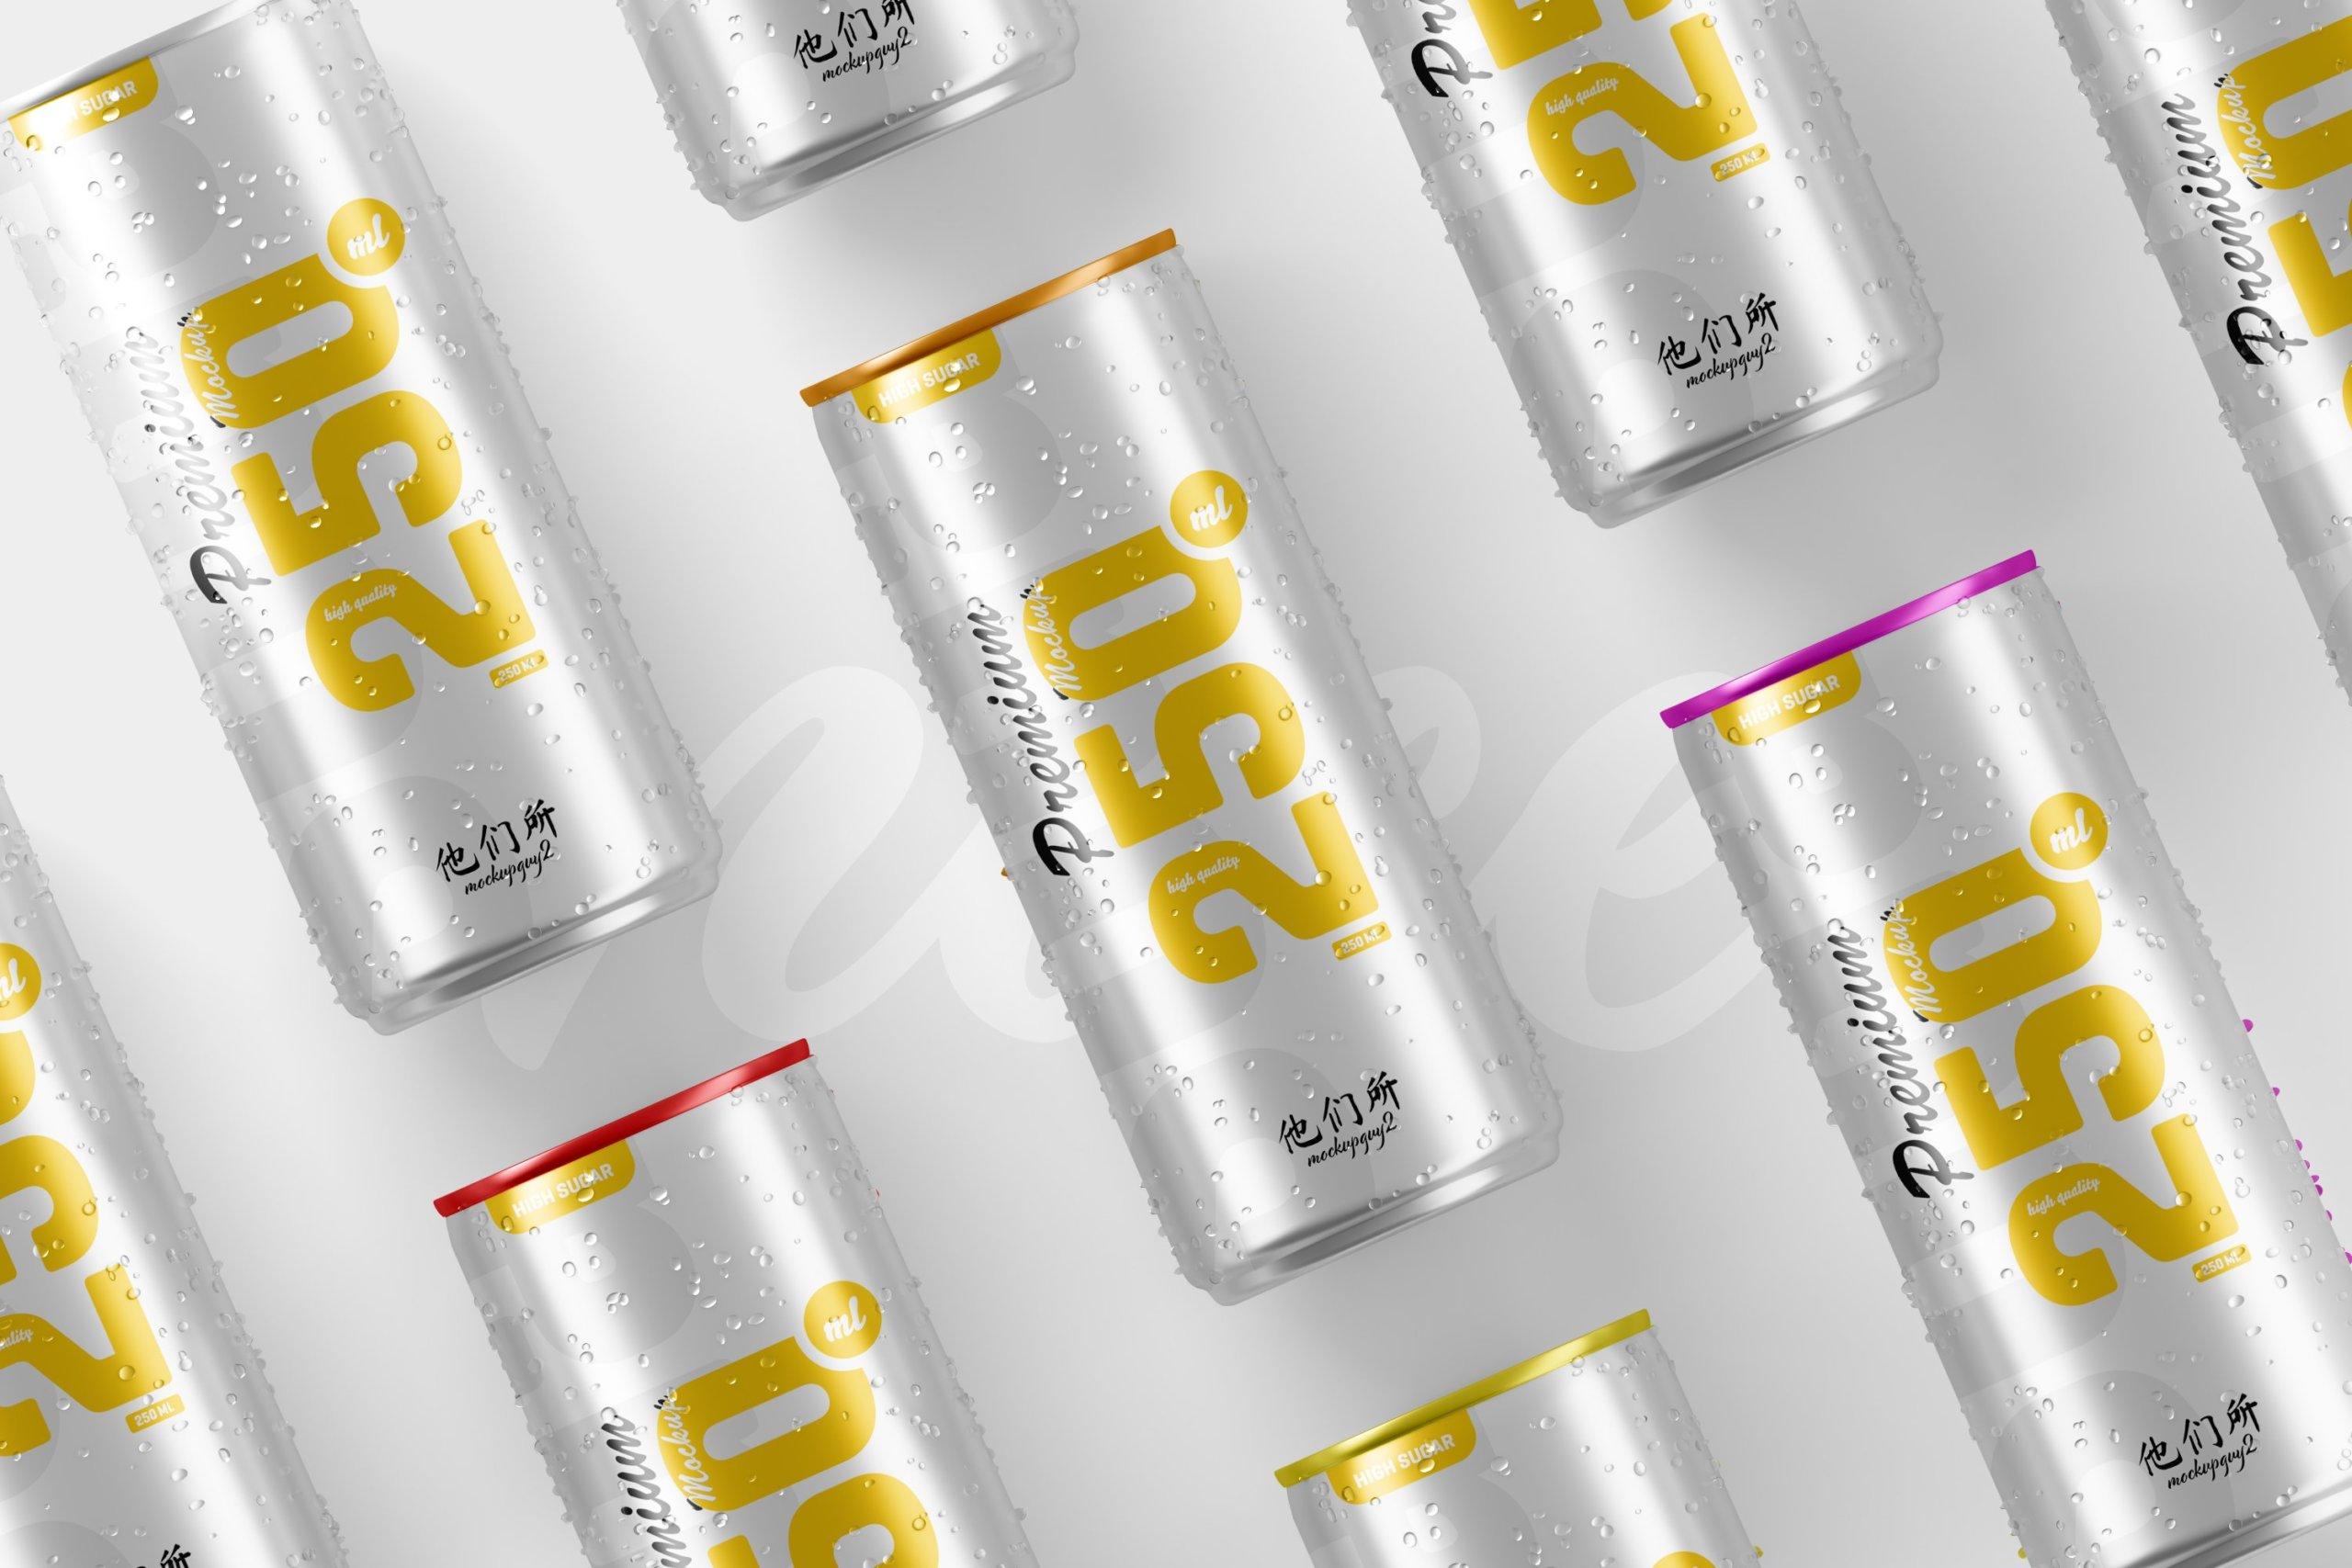 10款250ml啤酒饮料苏打水锡罐易拉罐设计展示样机 250ml Soda Can Mockup插图6